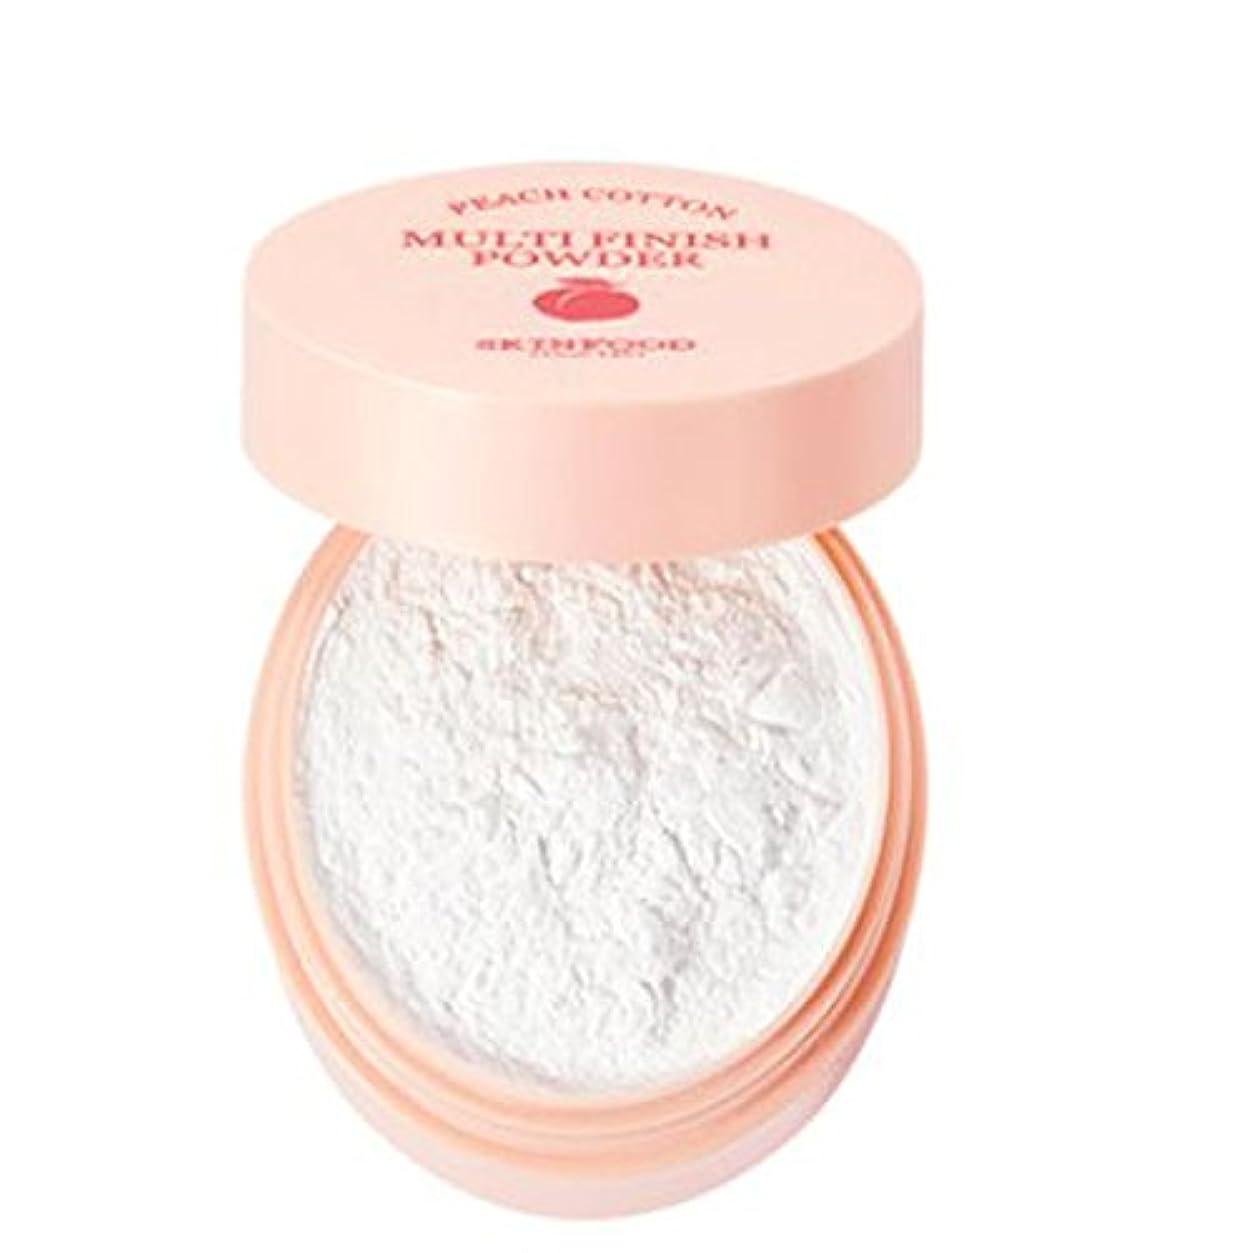 バンジージャンプ背が高い発行する[SKINFOOD] Peach Cotton Multi Finish Powder ピッチサラッとマルチフィニッシュパウダー - 5g